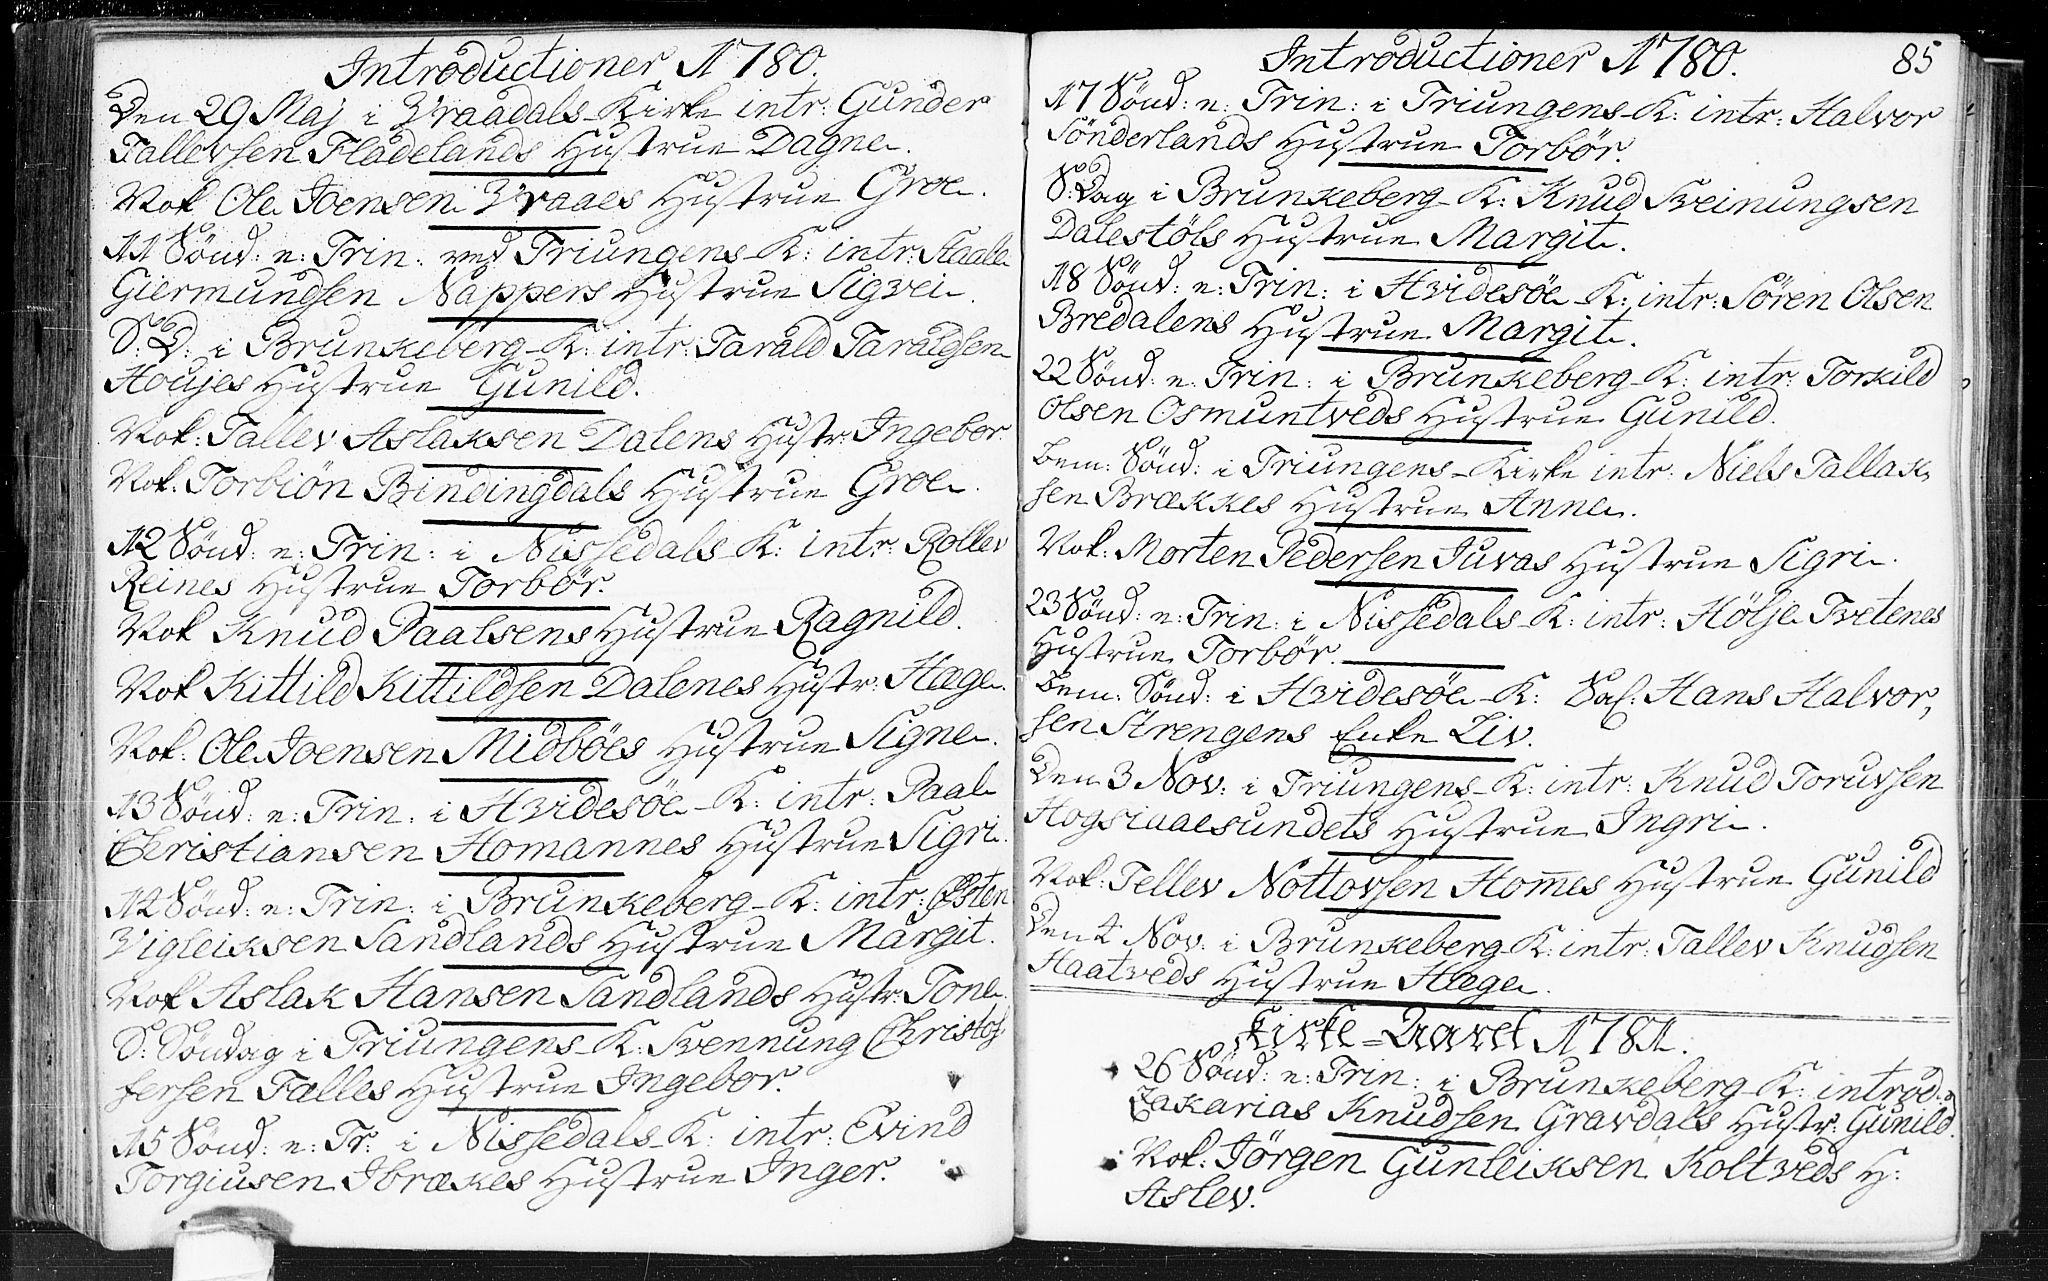 SAKO, Kviteseid kirkebøker, F/Fa/L0002: Ministerialbok nr. I 2, 1773-1786, s. 85